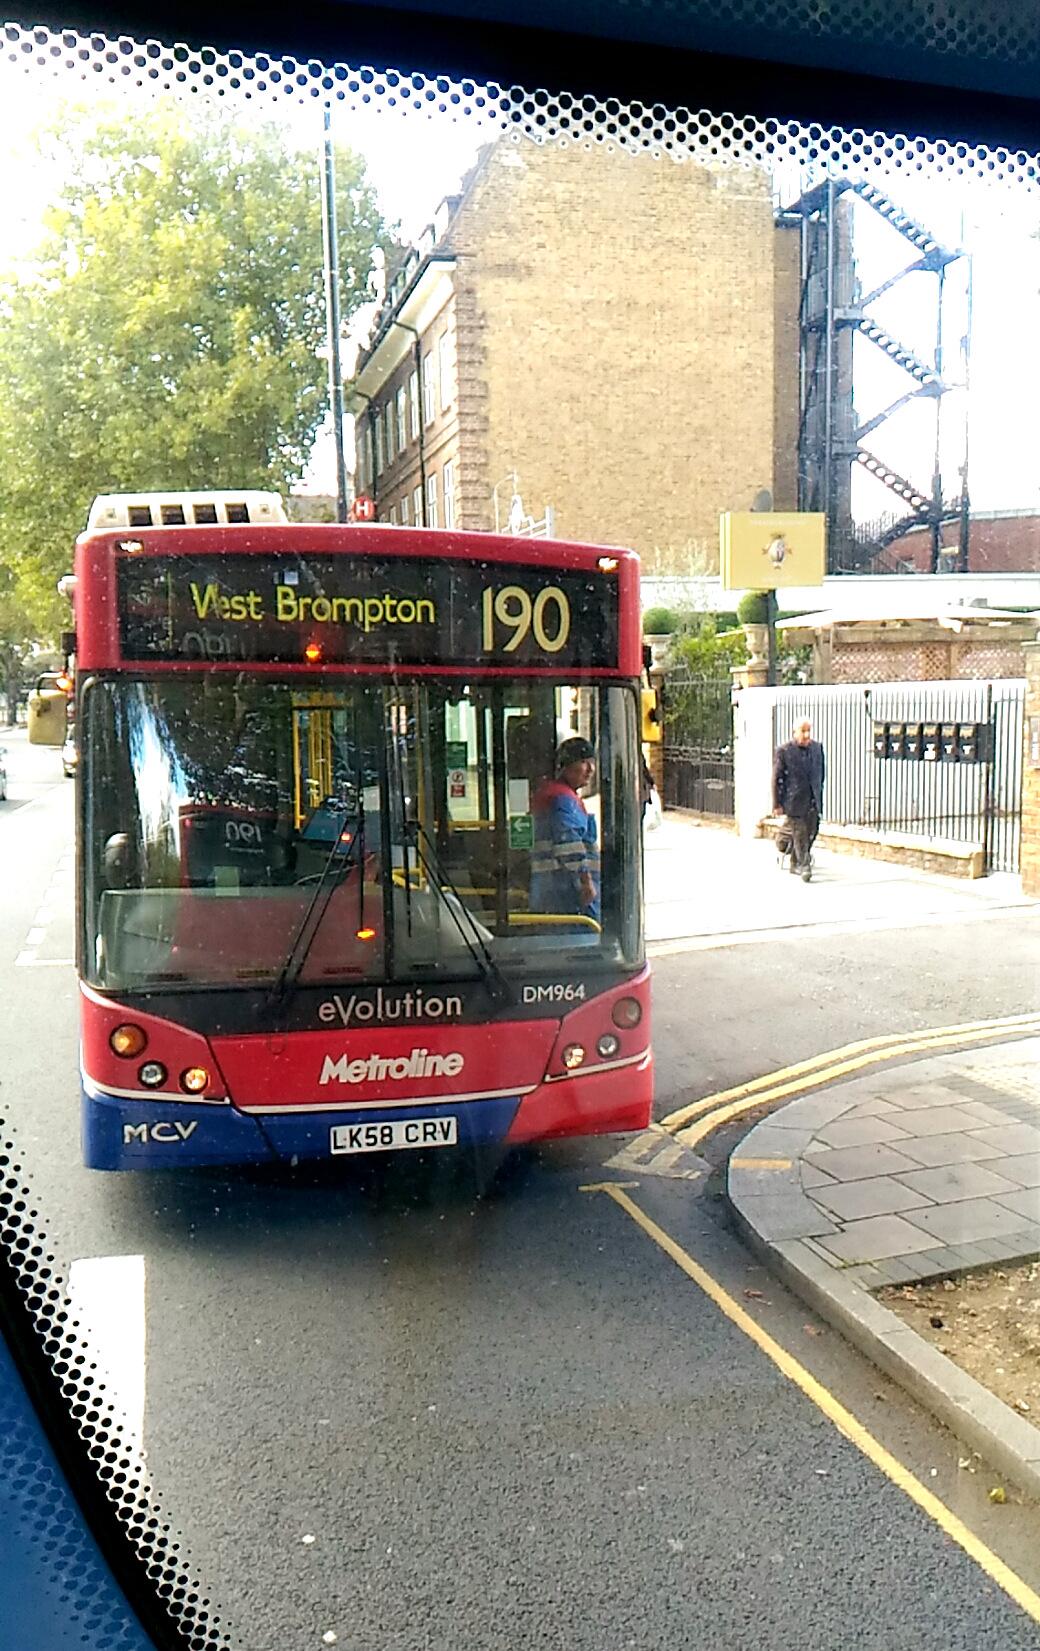 ロンドンバスのハプニング集ー私がバスに乗っていて遭遇した、珍事件など